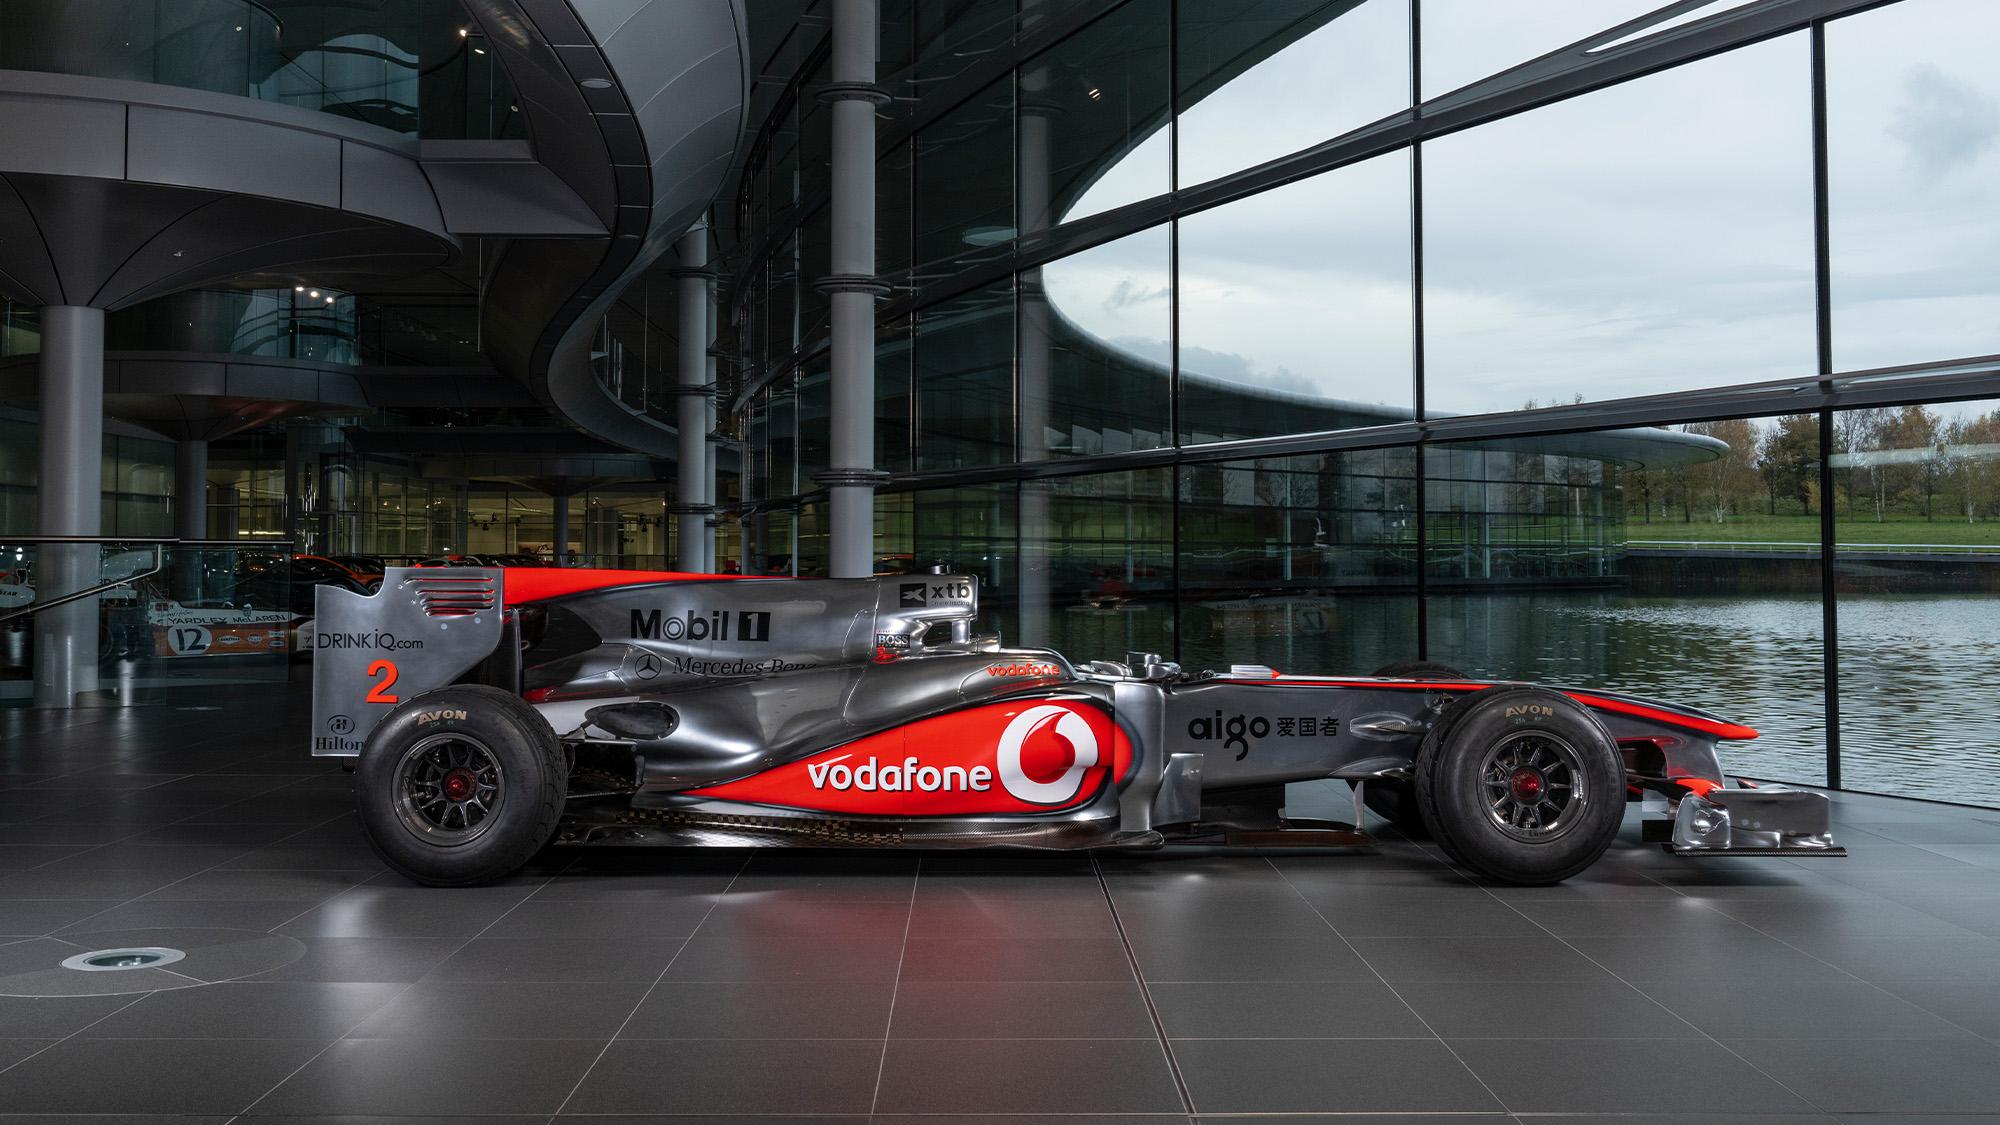 Lewis Hamilton McLaren MP4-25 for auction side view